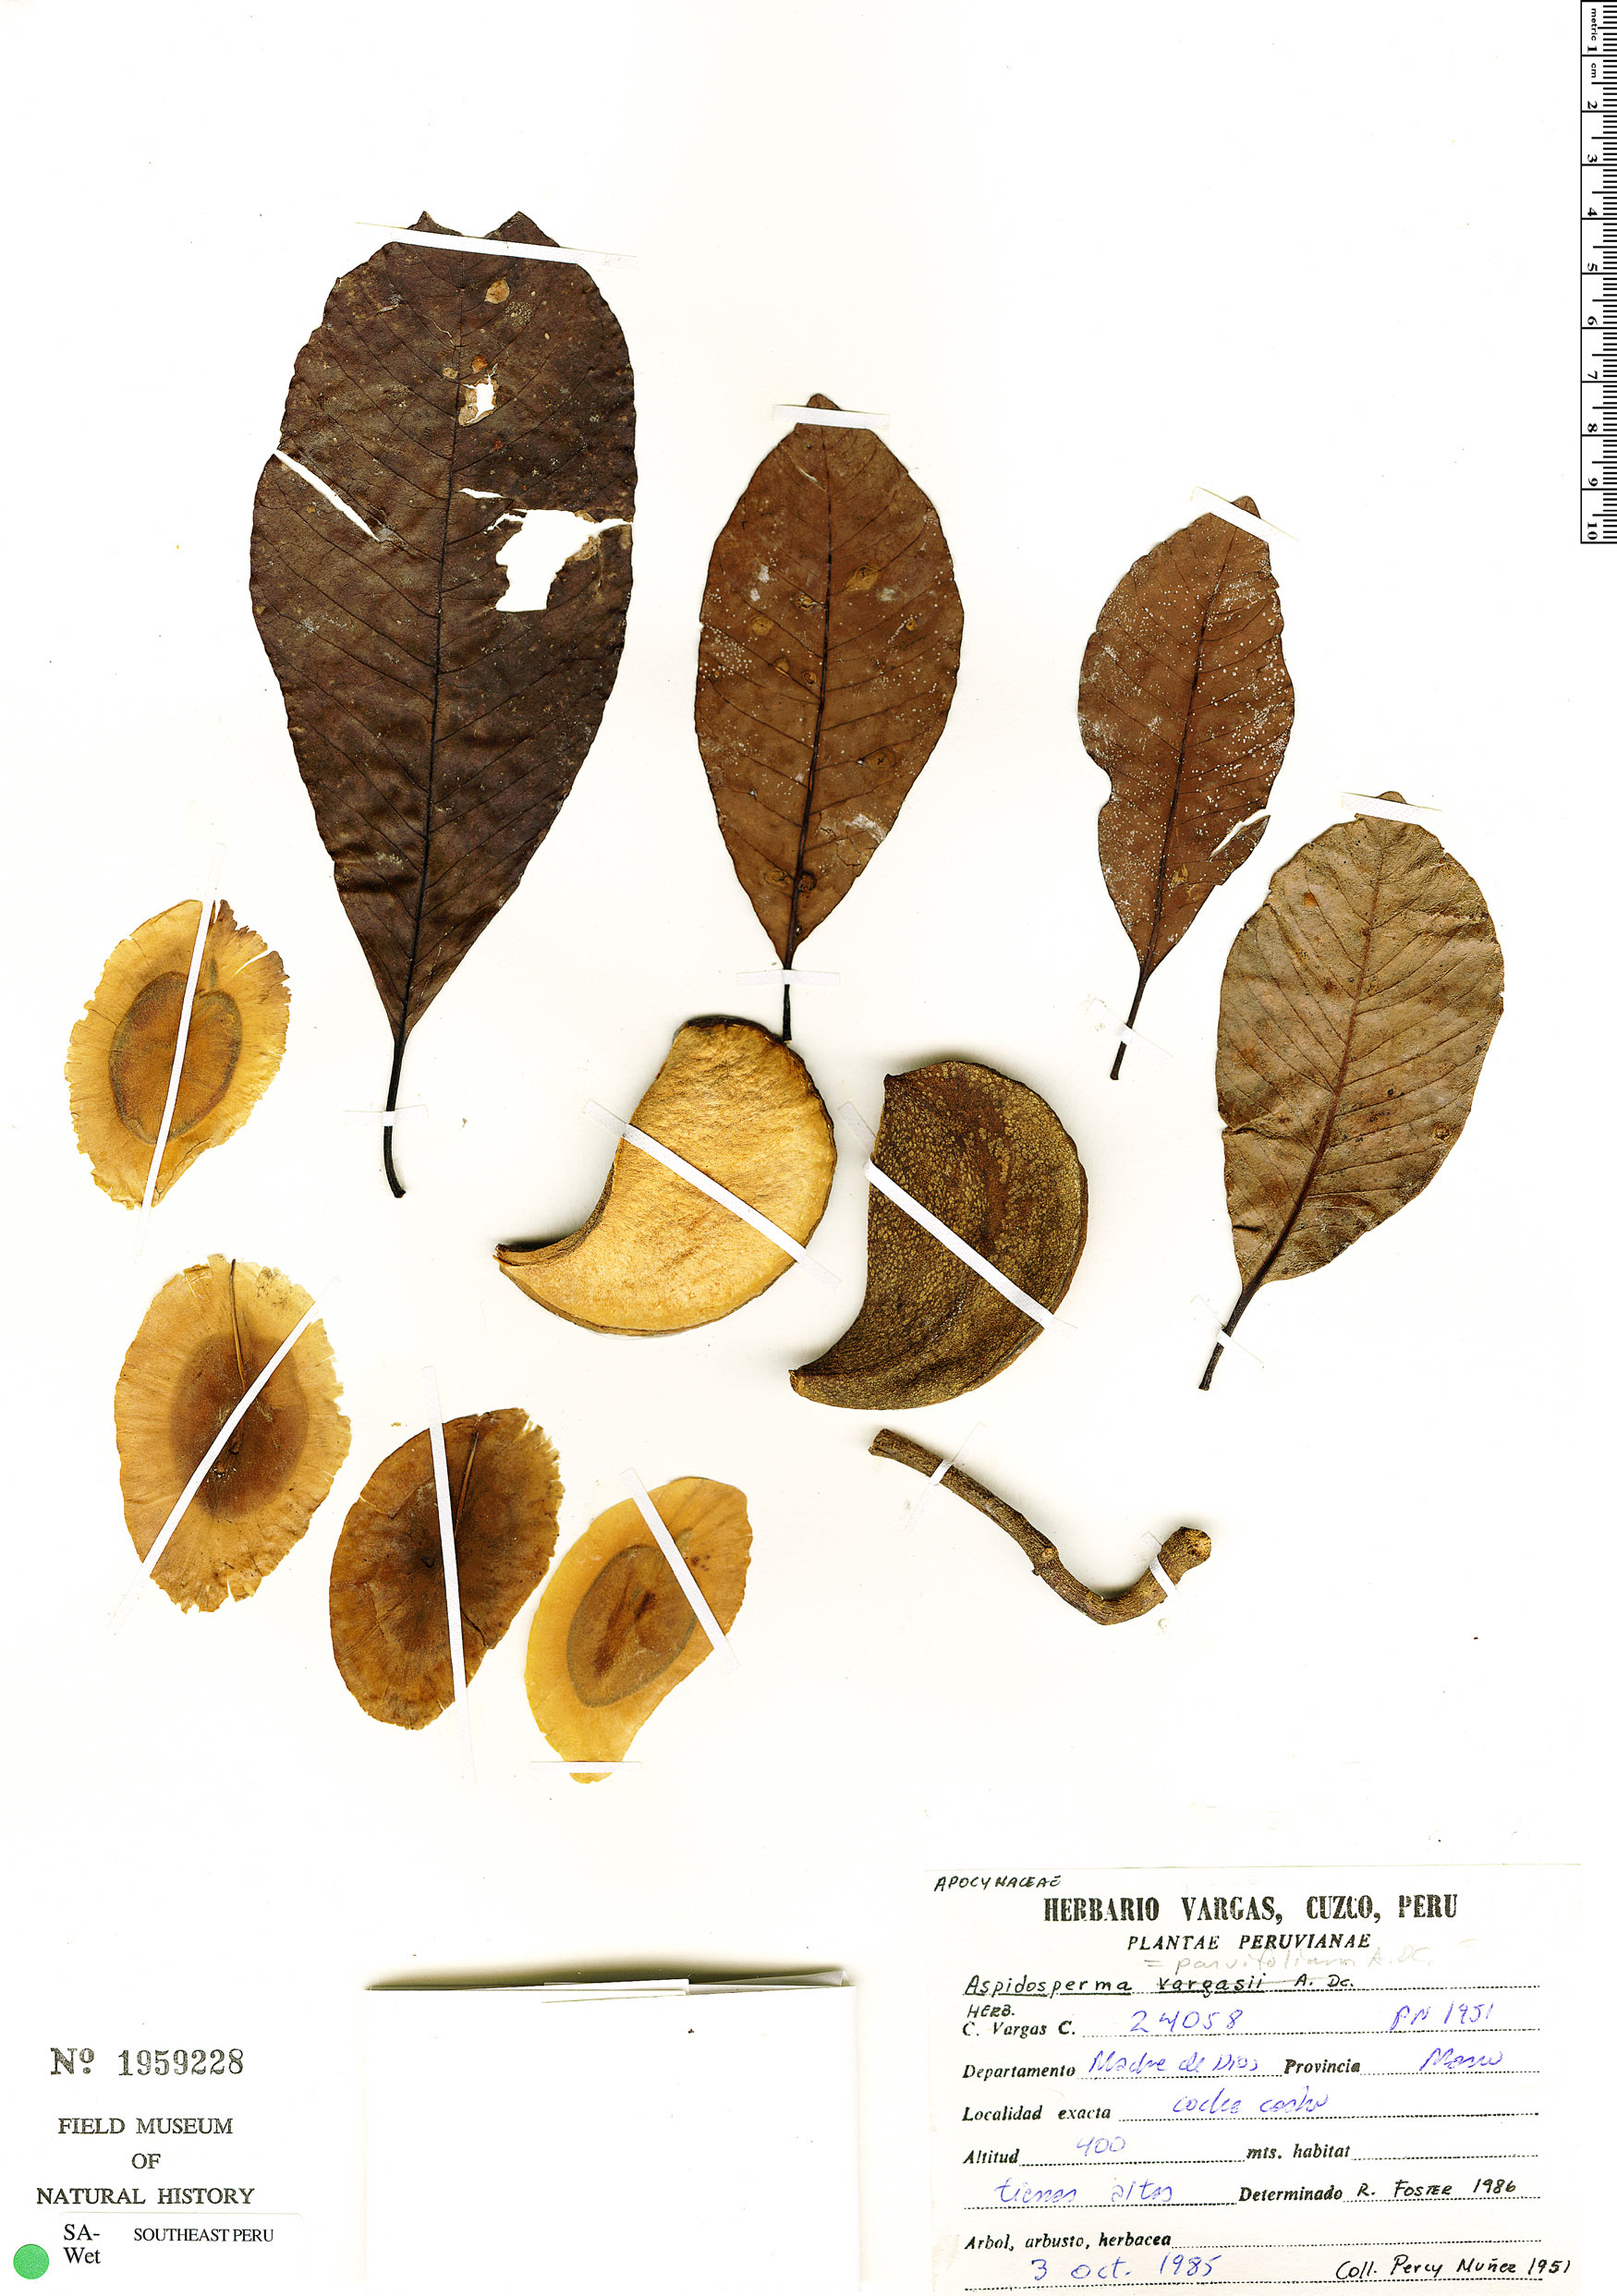 Specimen: Aspidosperma parvifolium